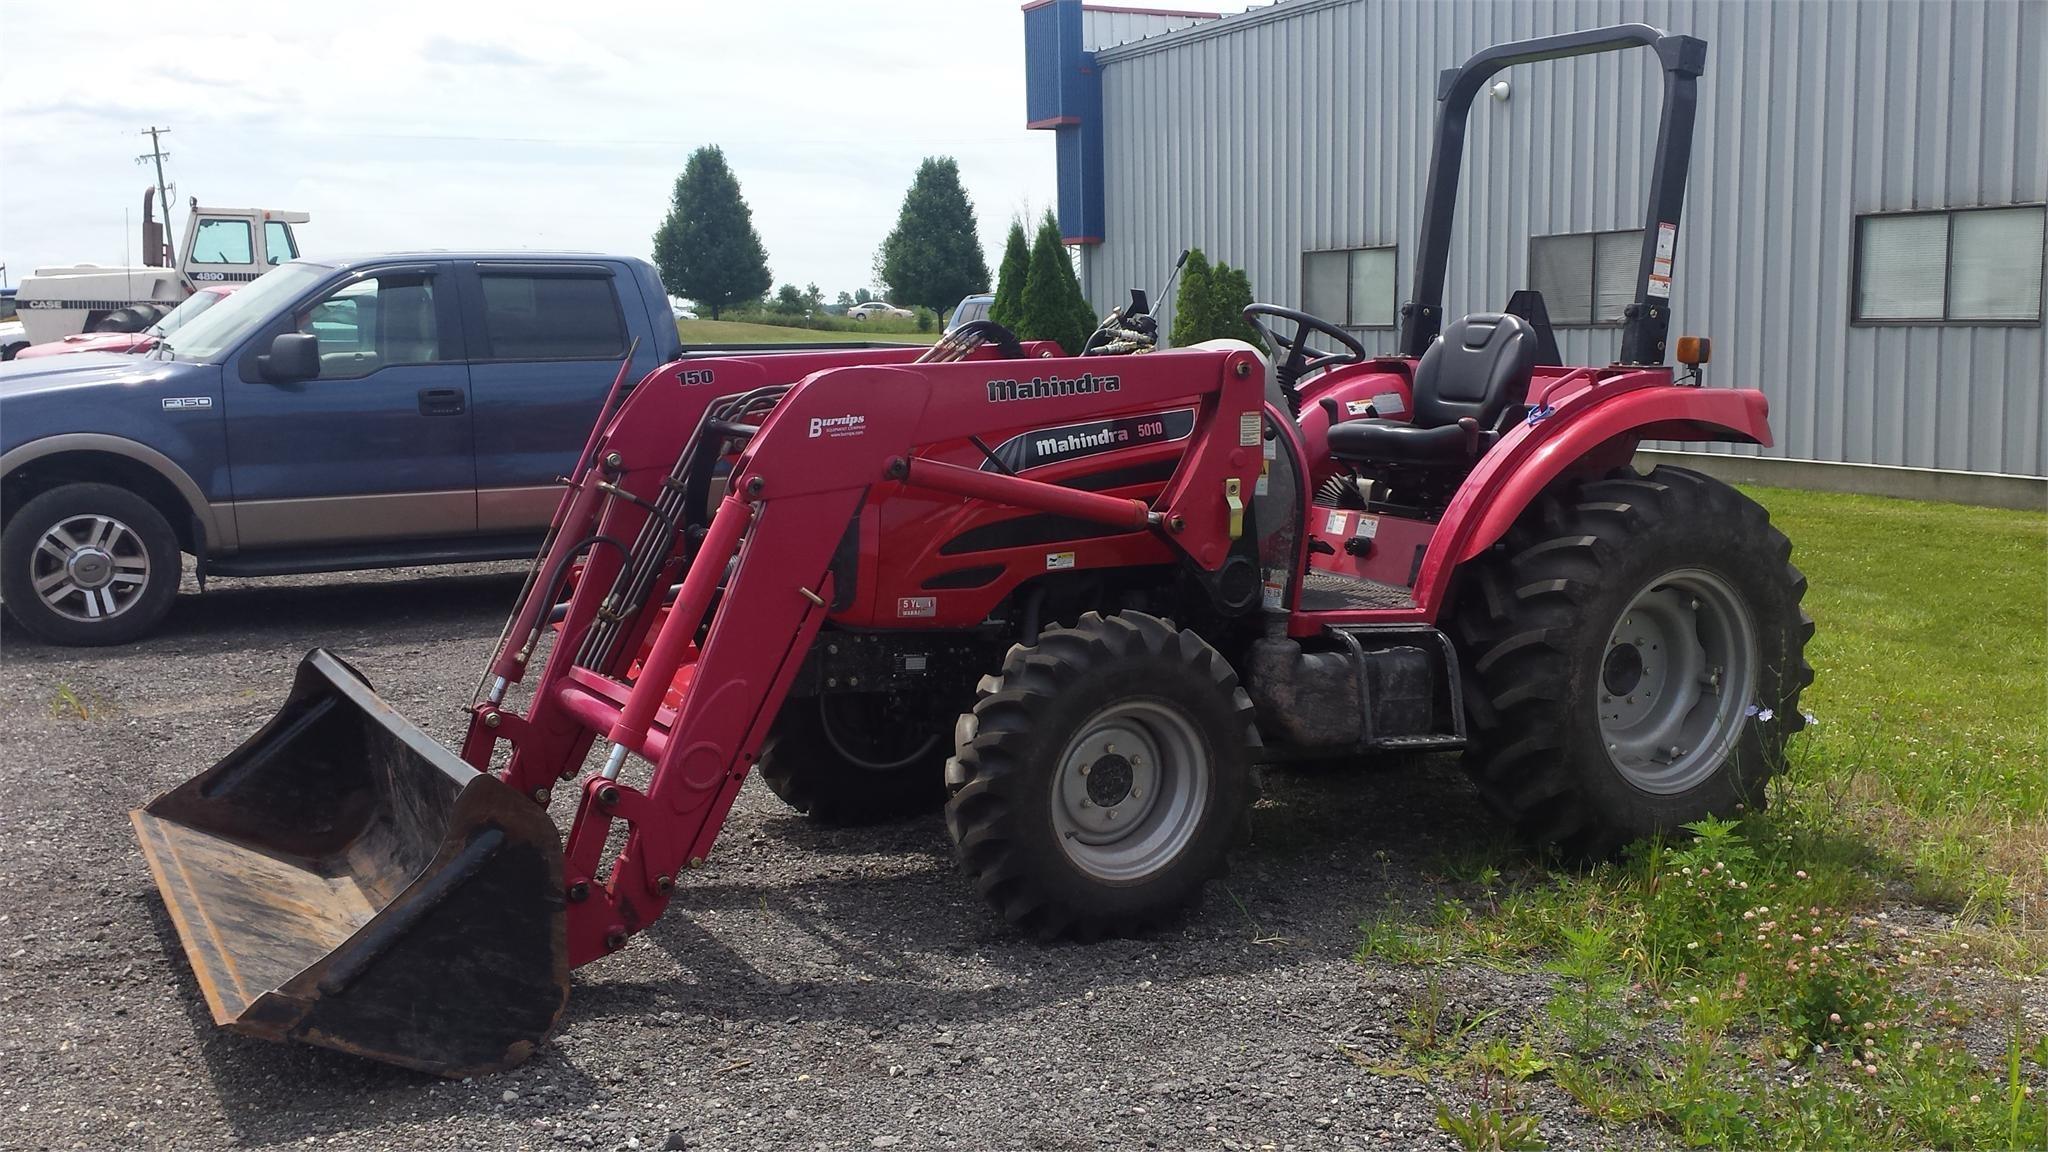 MAHINDRA 5010 40-99 HP Tractor